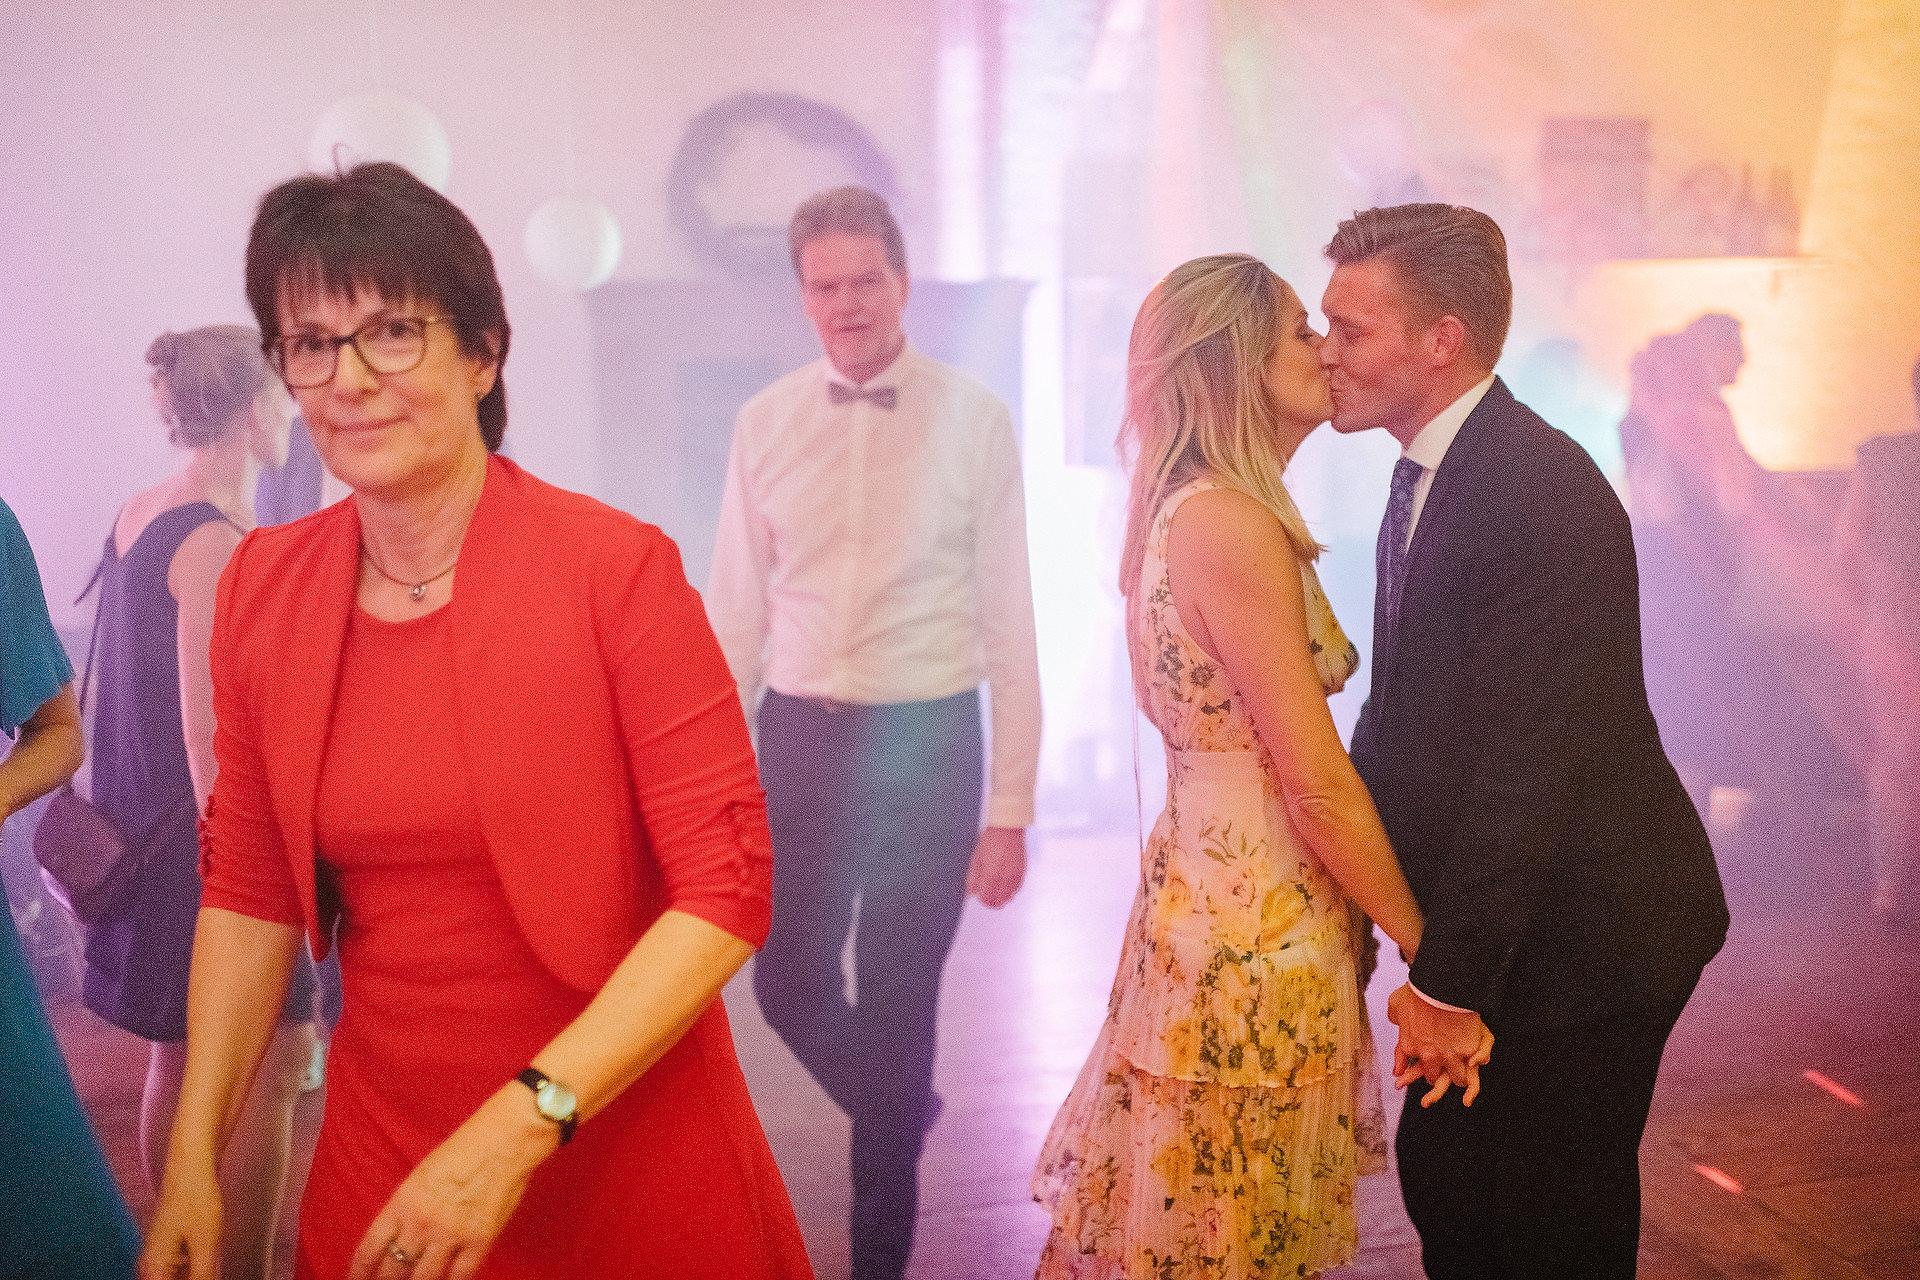 Fotograf Konstanz - Hochzeitsreportage Freiburg Hofgut Lilienhof Hochzeit Fotograf Konstanz 91 - Hochzeit in Freiburg und Hofgut Lilienhof  - 184 -